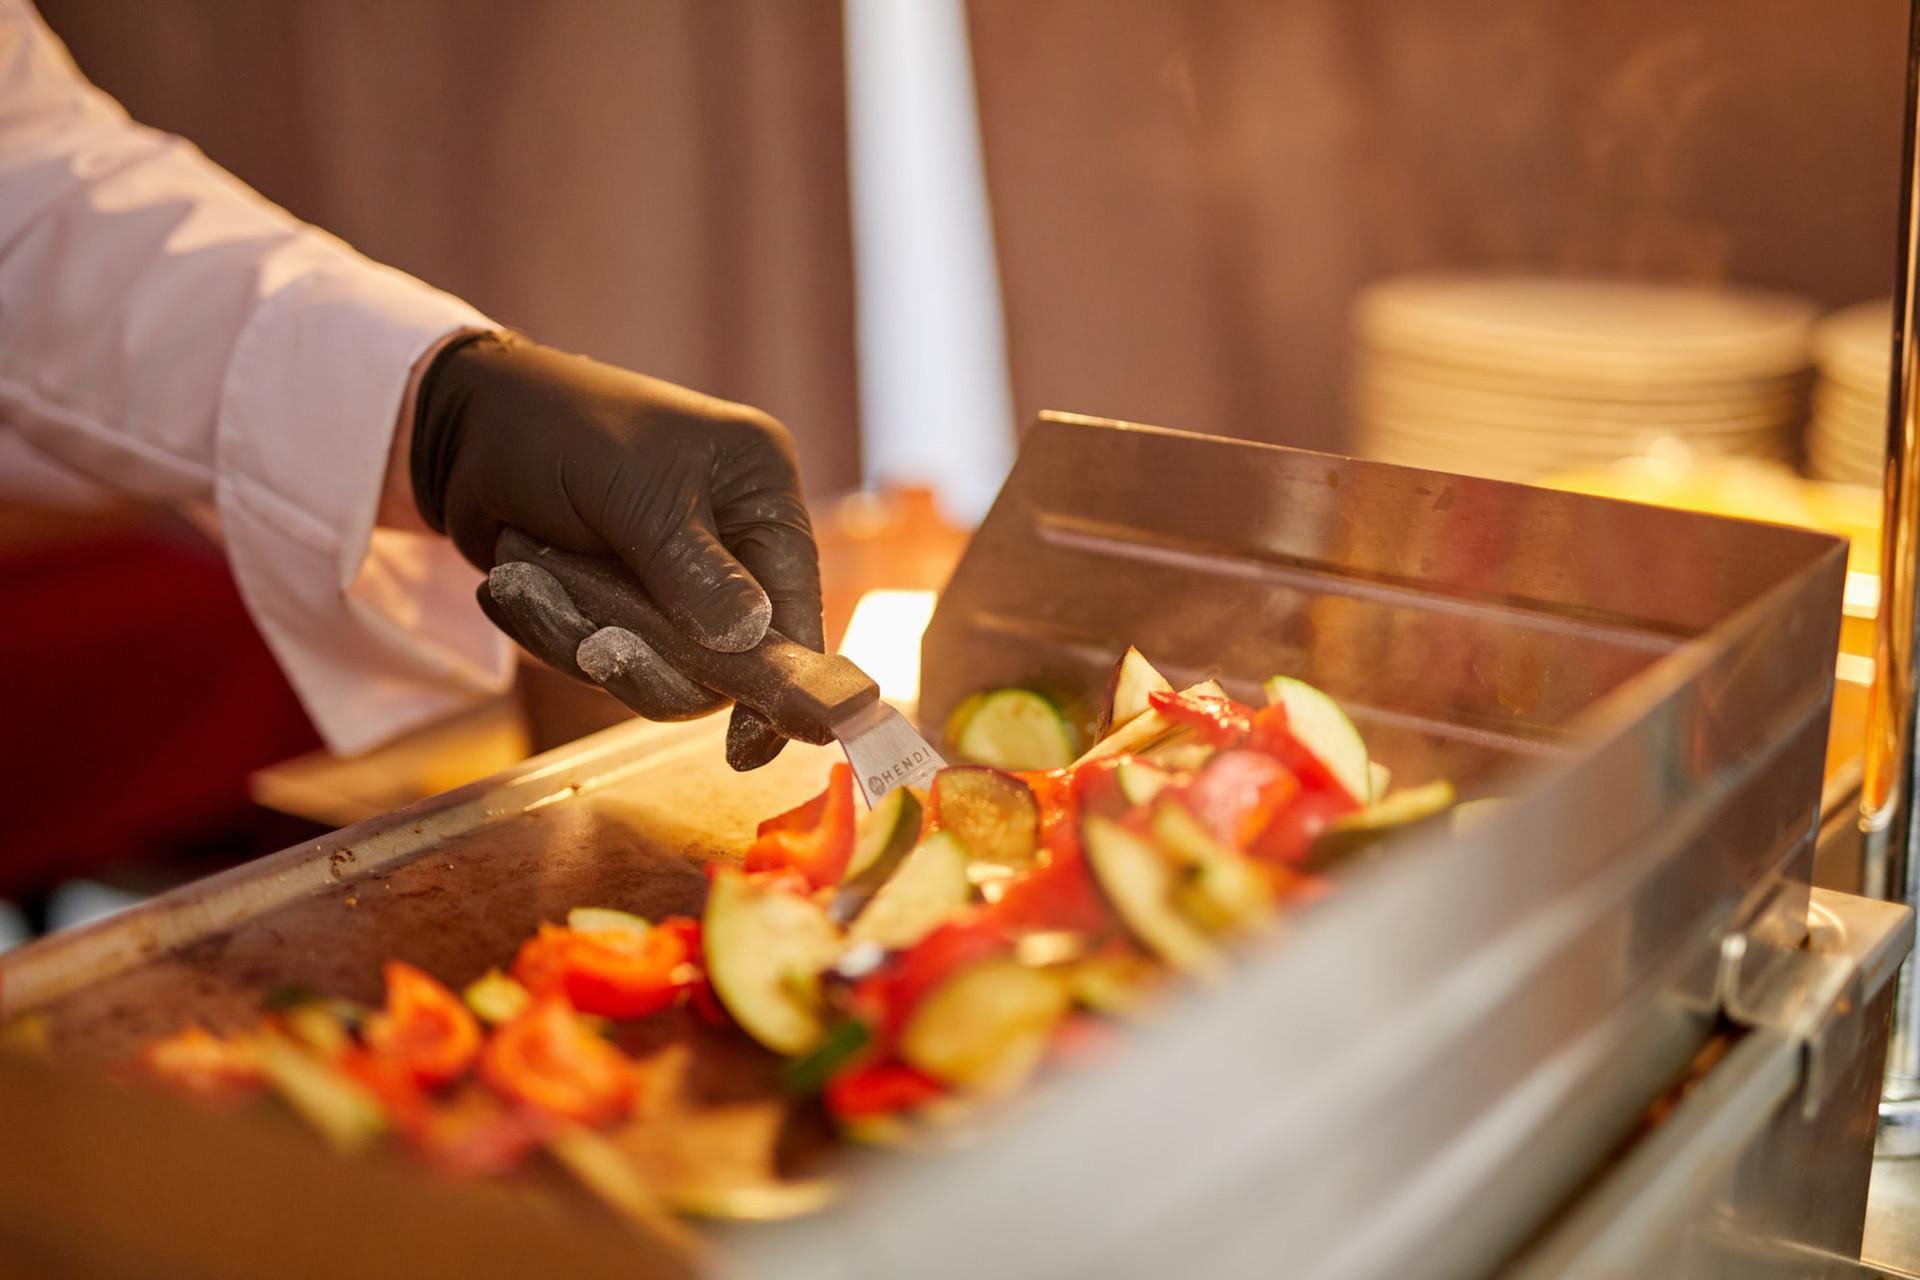 Radnicni-restaurace-catering 25.jpg